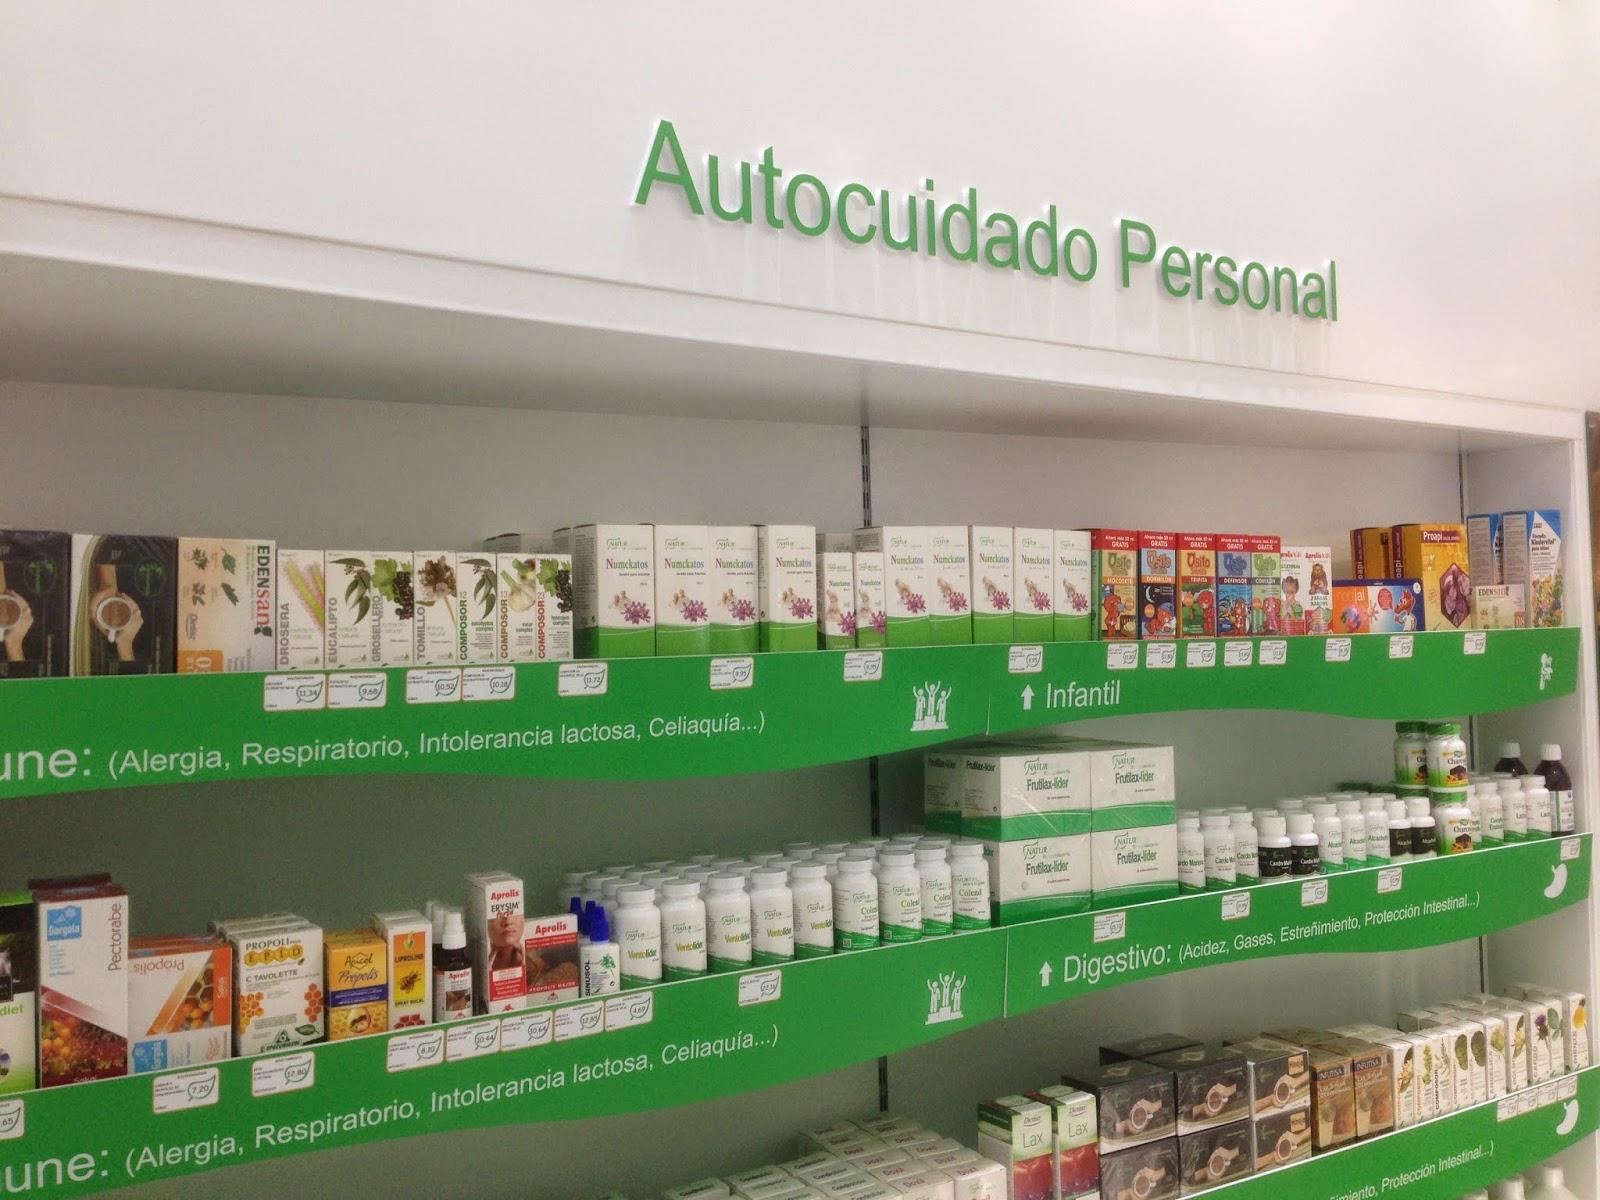 Naturlíder abre su primer centro de autocuidado en Madrid